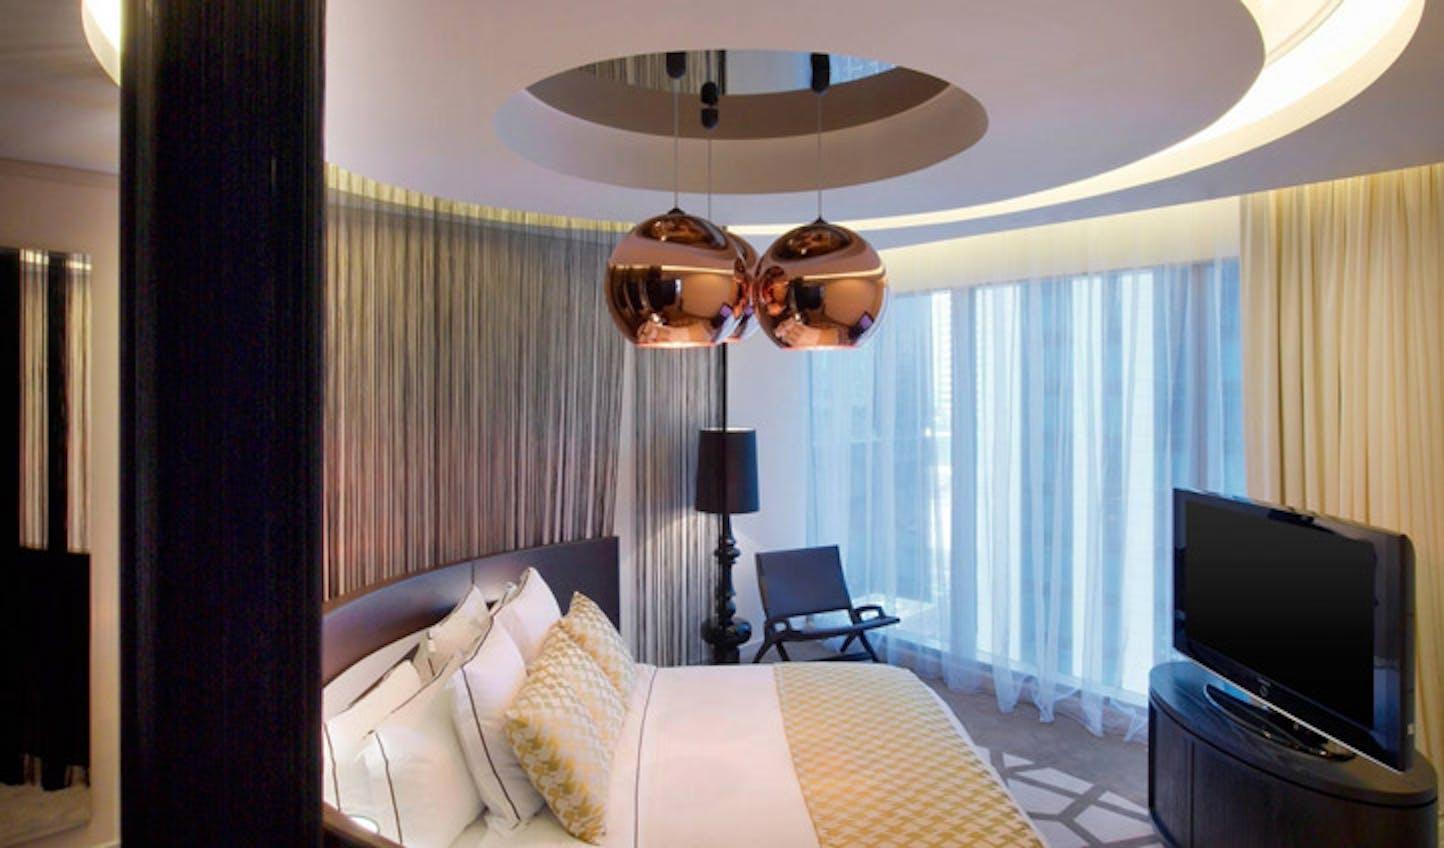 The W Hotel, Doha, Qatar